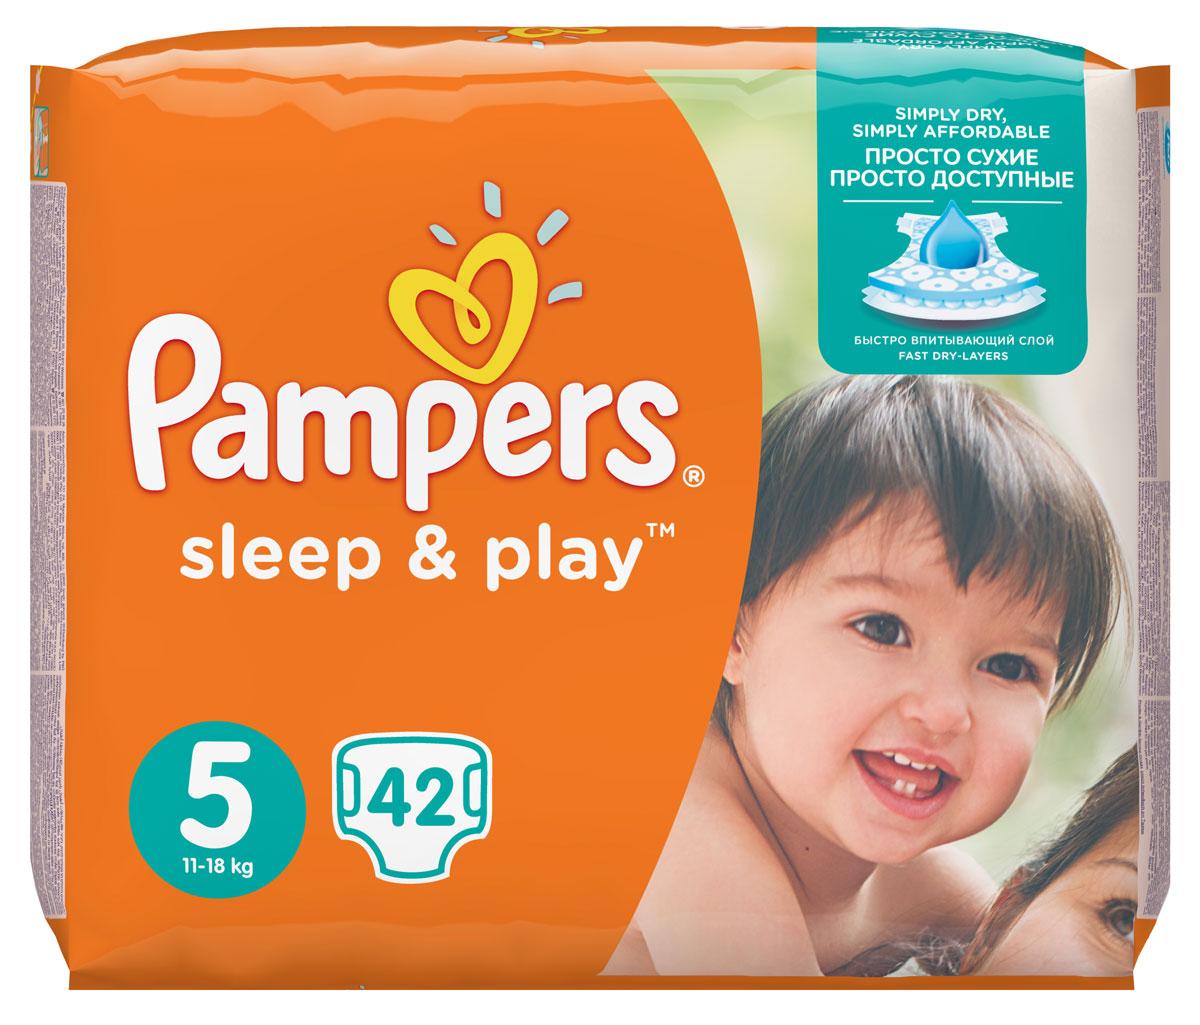 Pampers Sleep & Play Подгузники 11-18 кг (размер 5) 42 шт PA-81298876